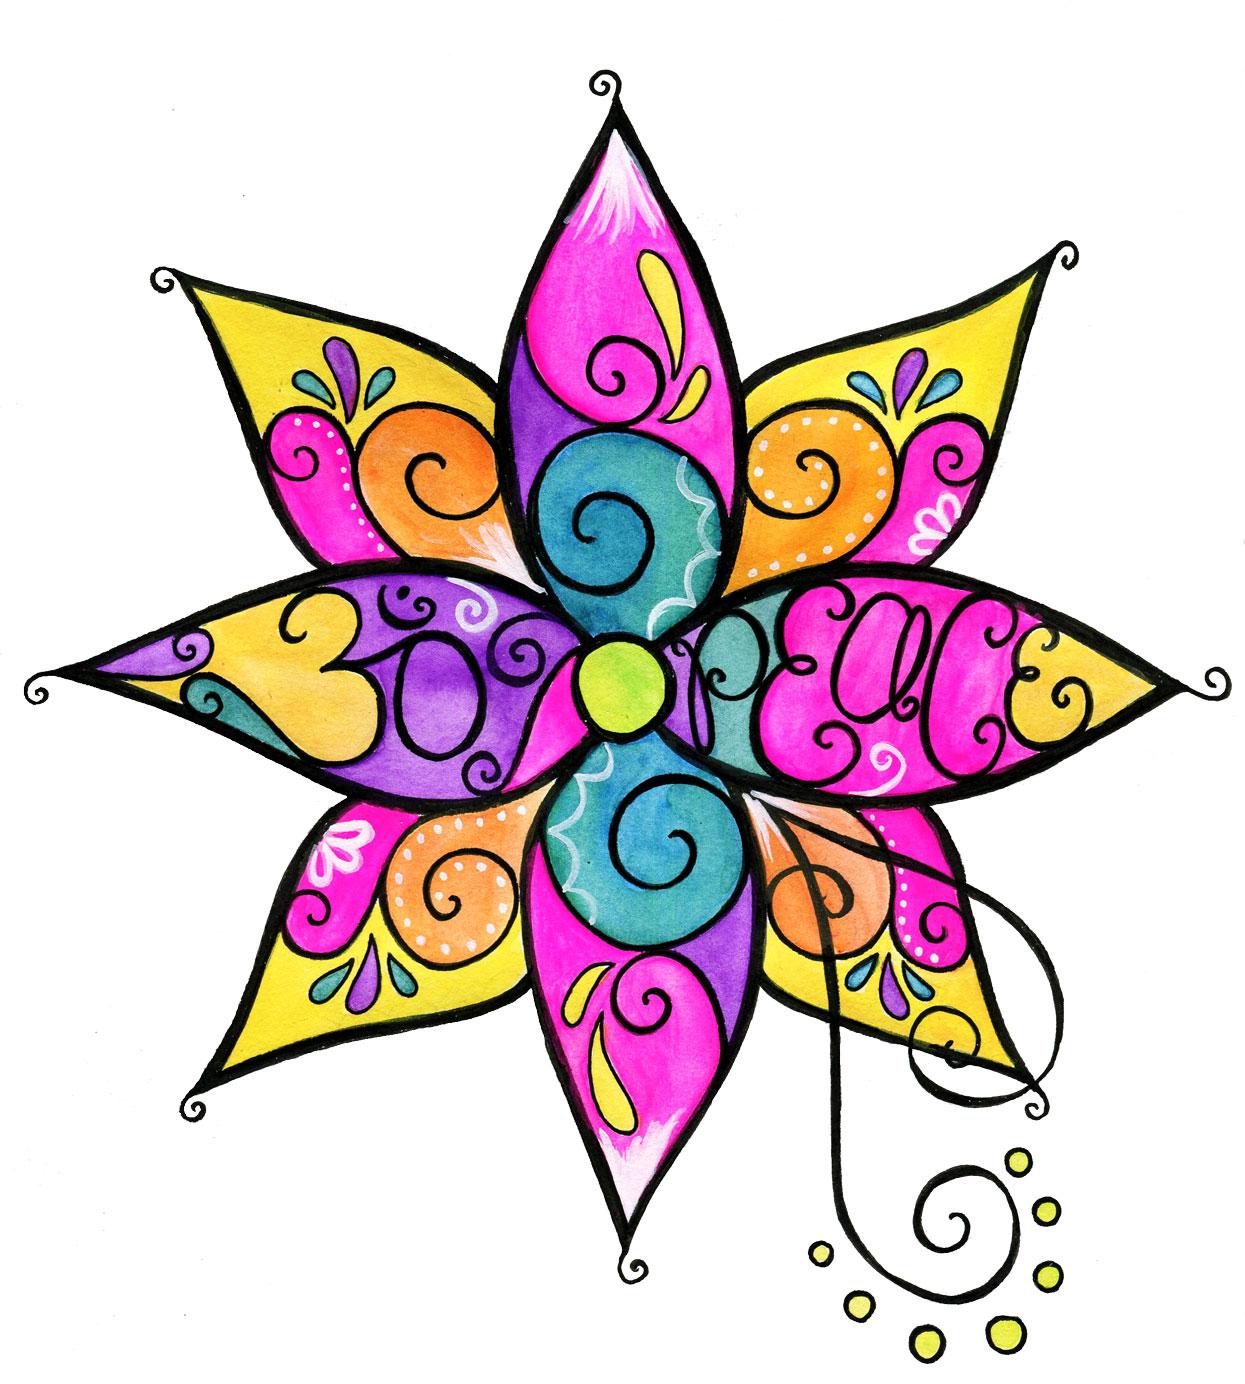 flower-om-peace.jpg